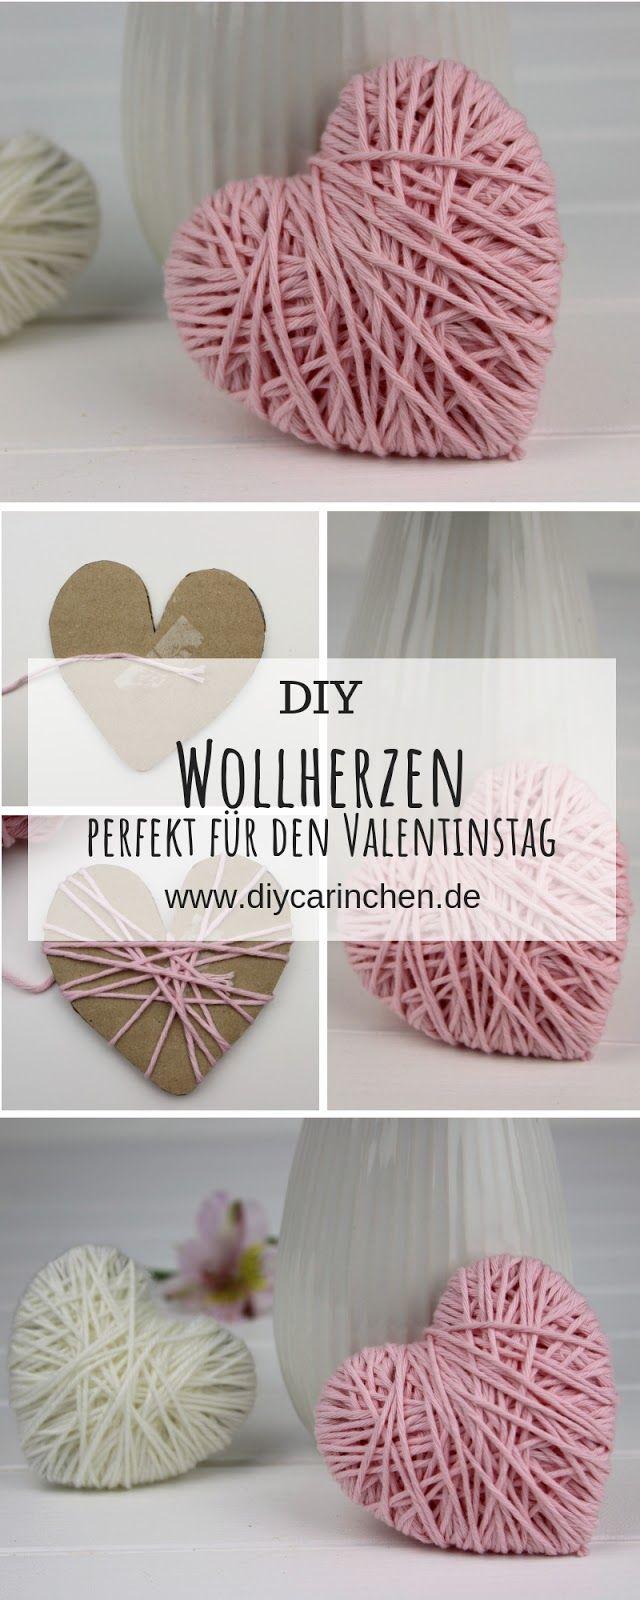 DIY Wollherzen schnell und einfach selber machen – schöne Deko